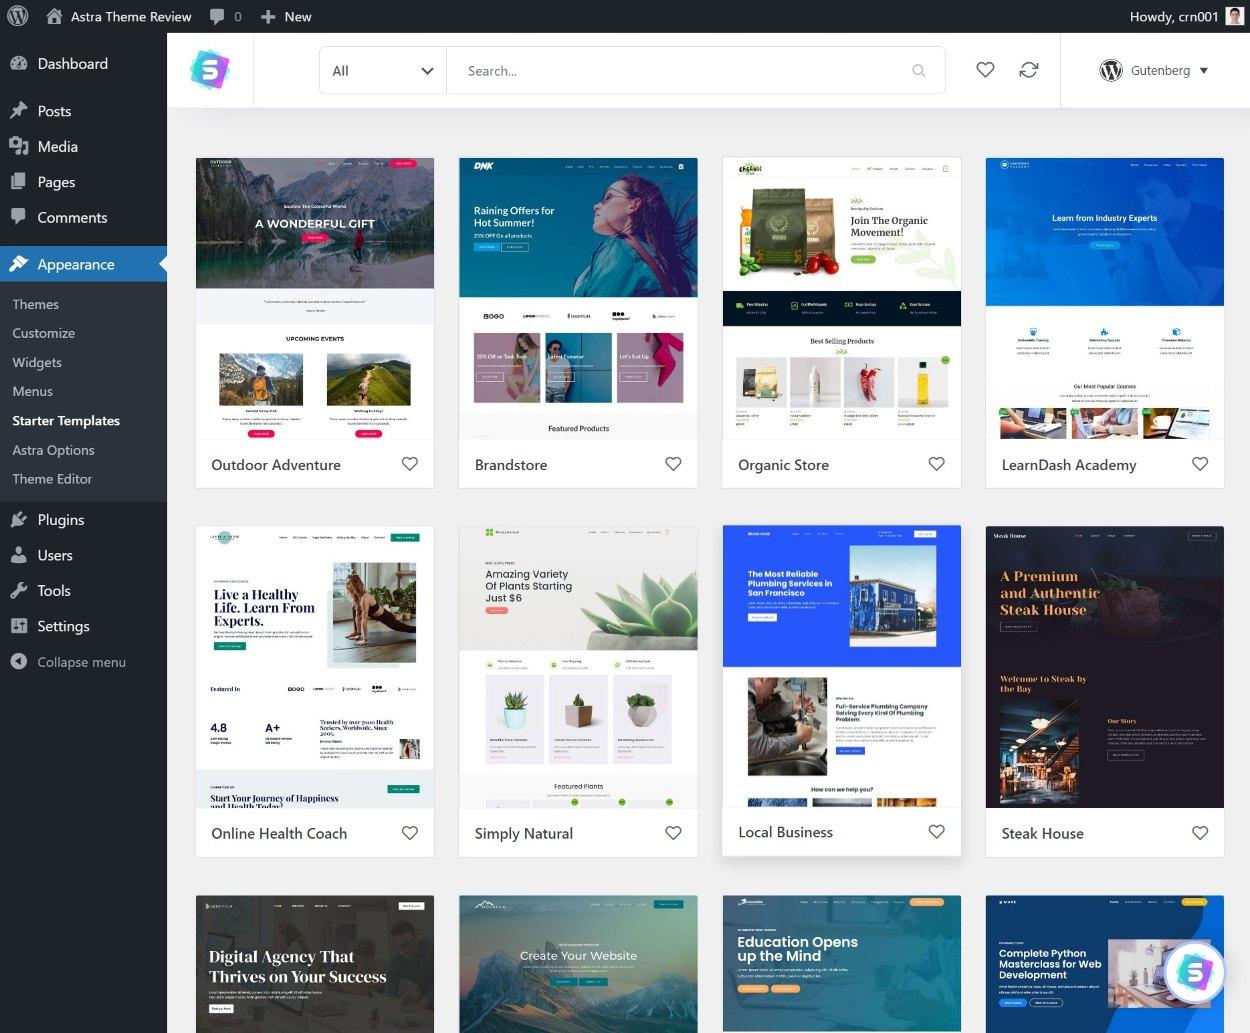 Revisión del tema Astra: ¿es el mejor tema de WordPress de 2021? - 1630926987 210 Revision del tema Astra ¿es el mejor tema de WordPress